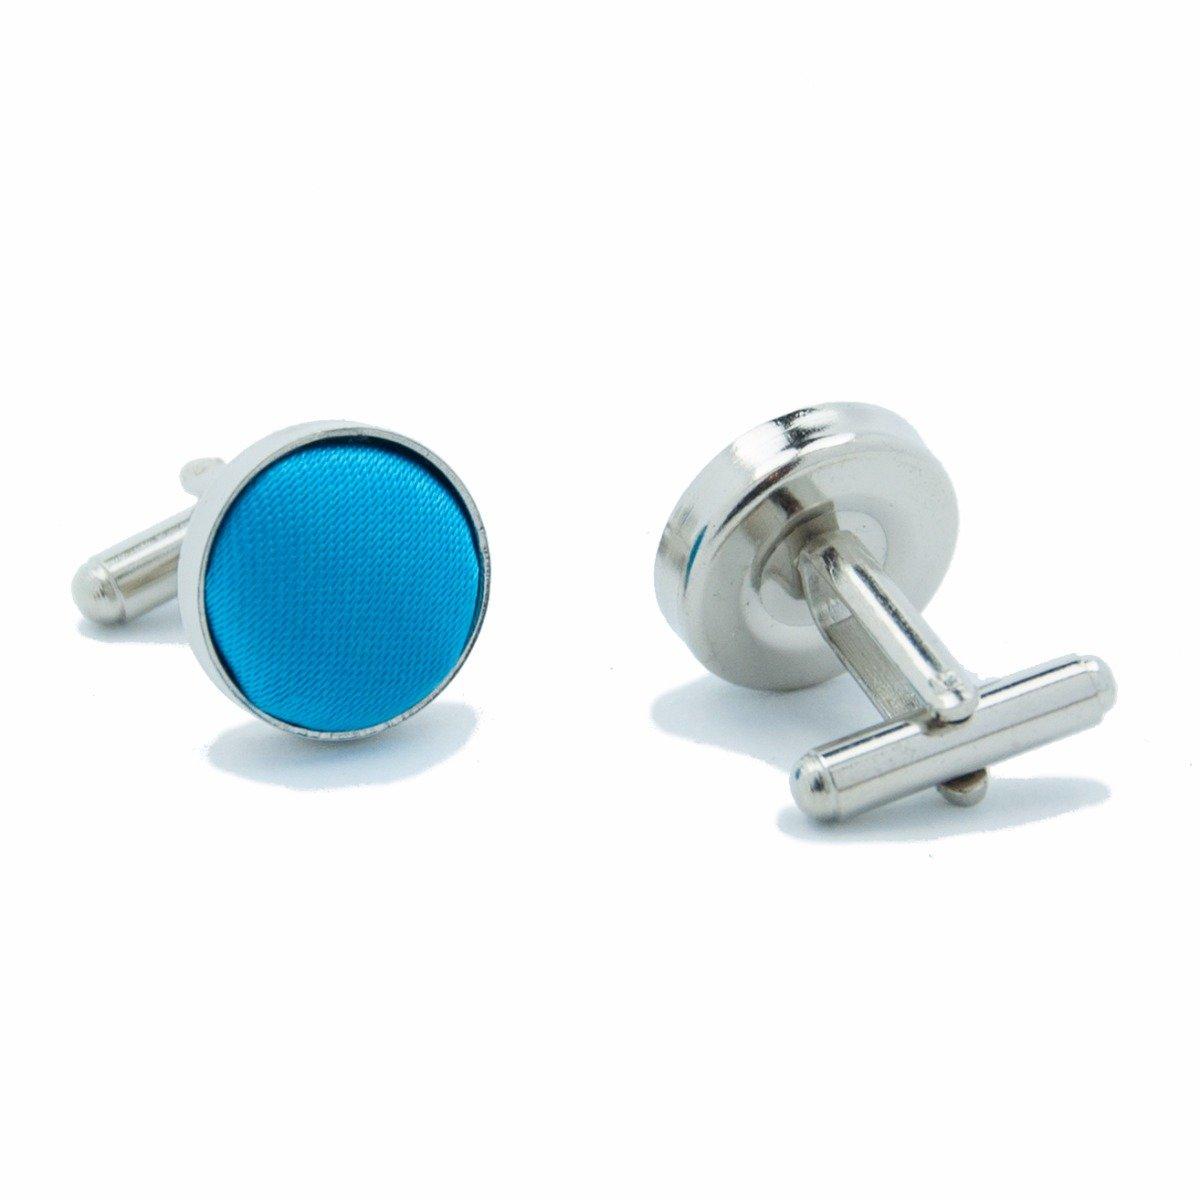 Manchetknopen stof metaal blauw kopen